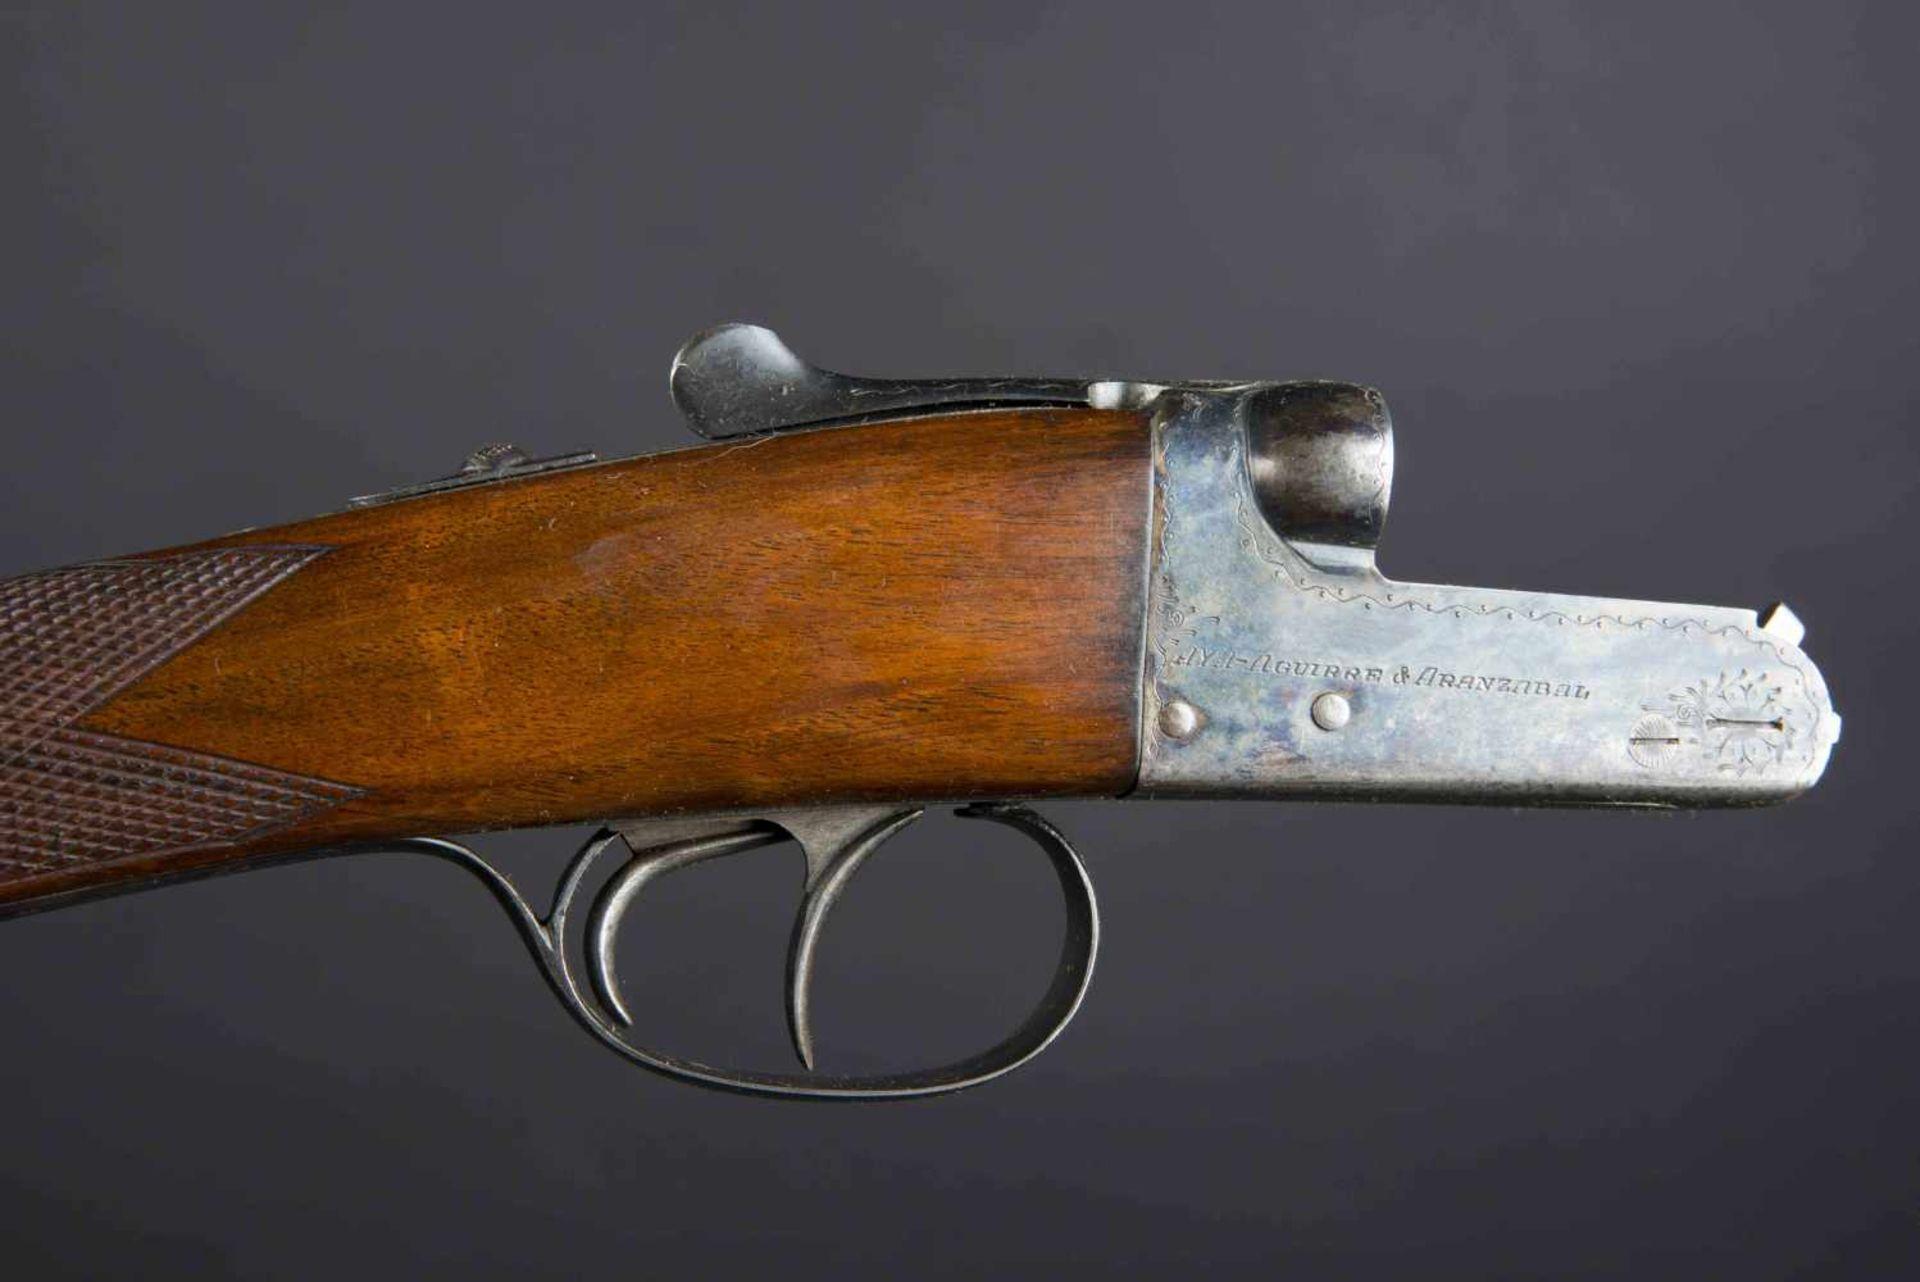 Fusil Aya Aguirre & Aranzabel Catégorie C Crosse vernie, nombreux poinçons, calibre 12/76, numéro - Bild 2 aus 3